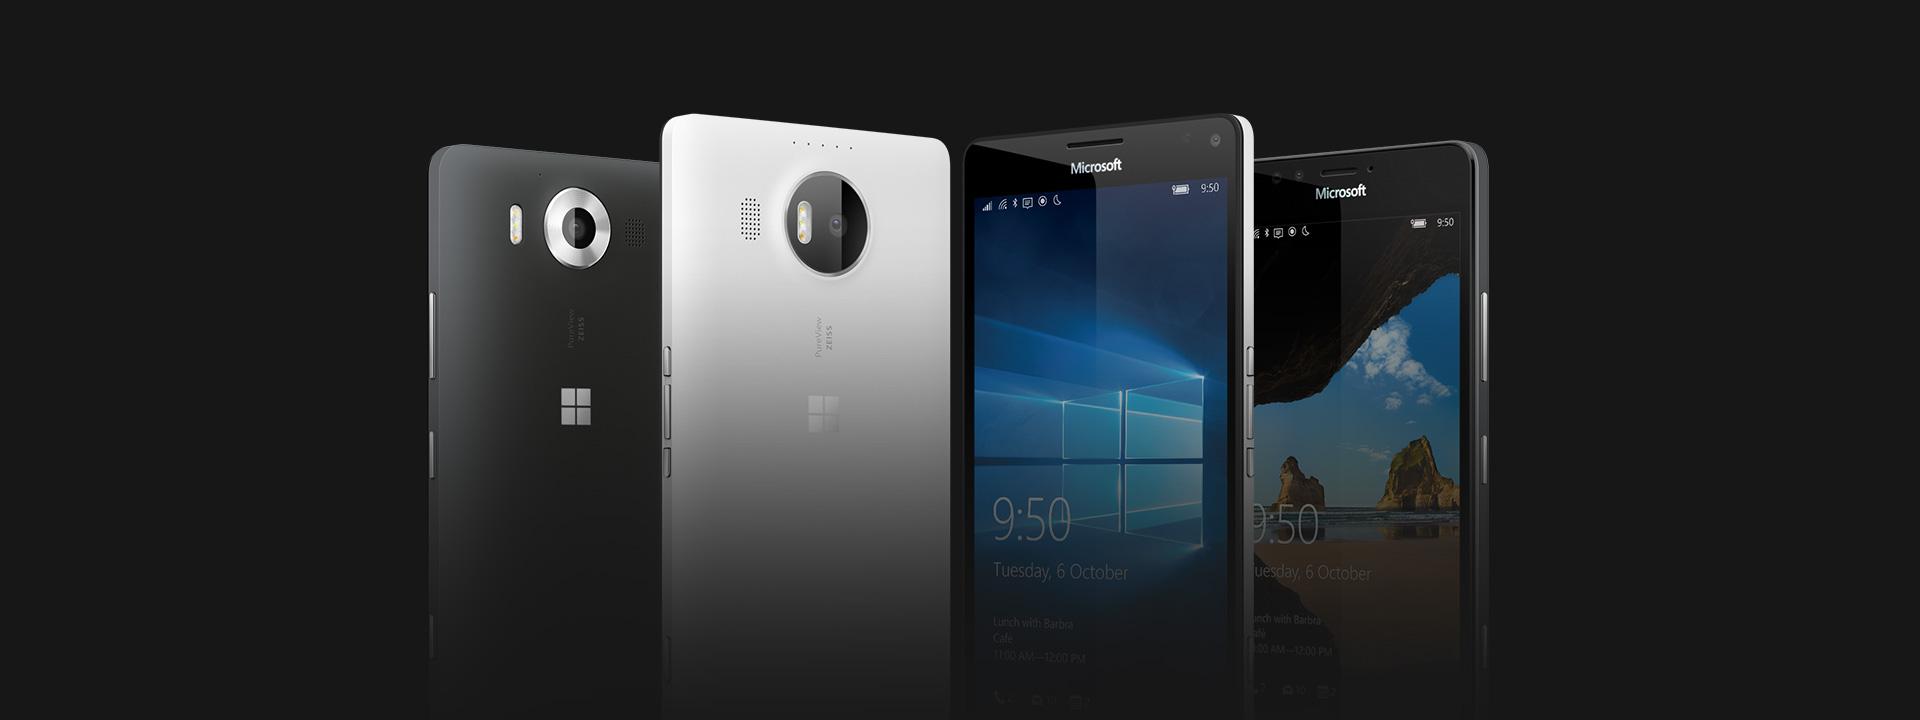 Zjistěte si něco o Lumia 950 and Lumia 950 XL